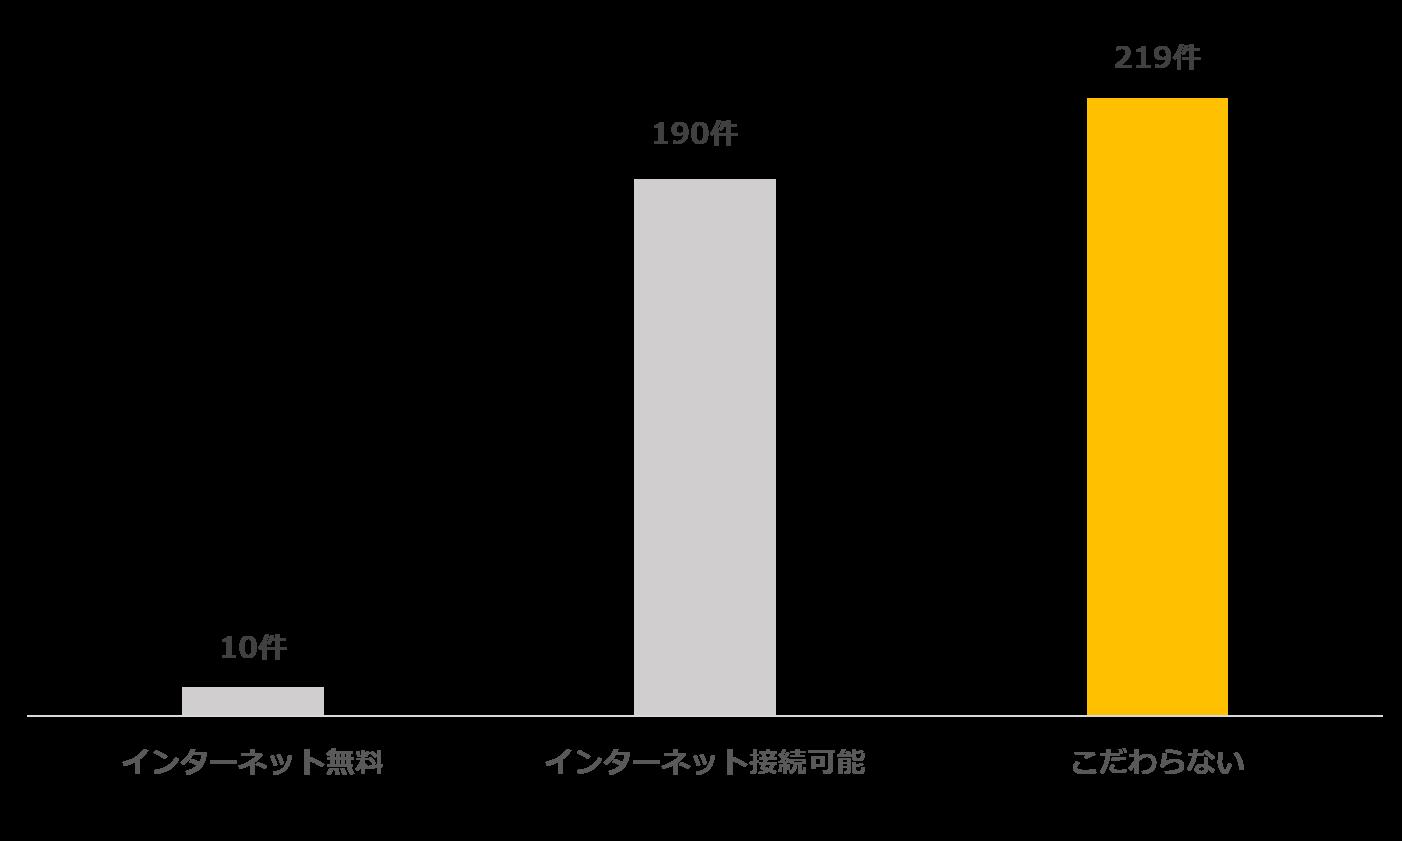 「東京都目黒駅にあるインターネット無料、接続可、こだわりなしのそれぞれの物件数」